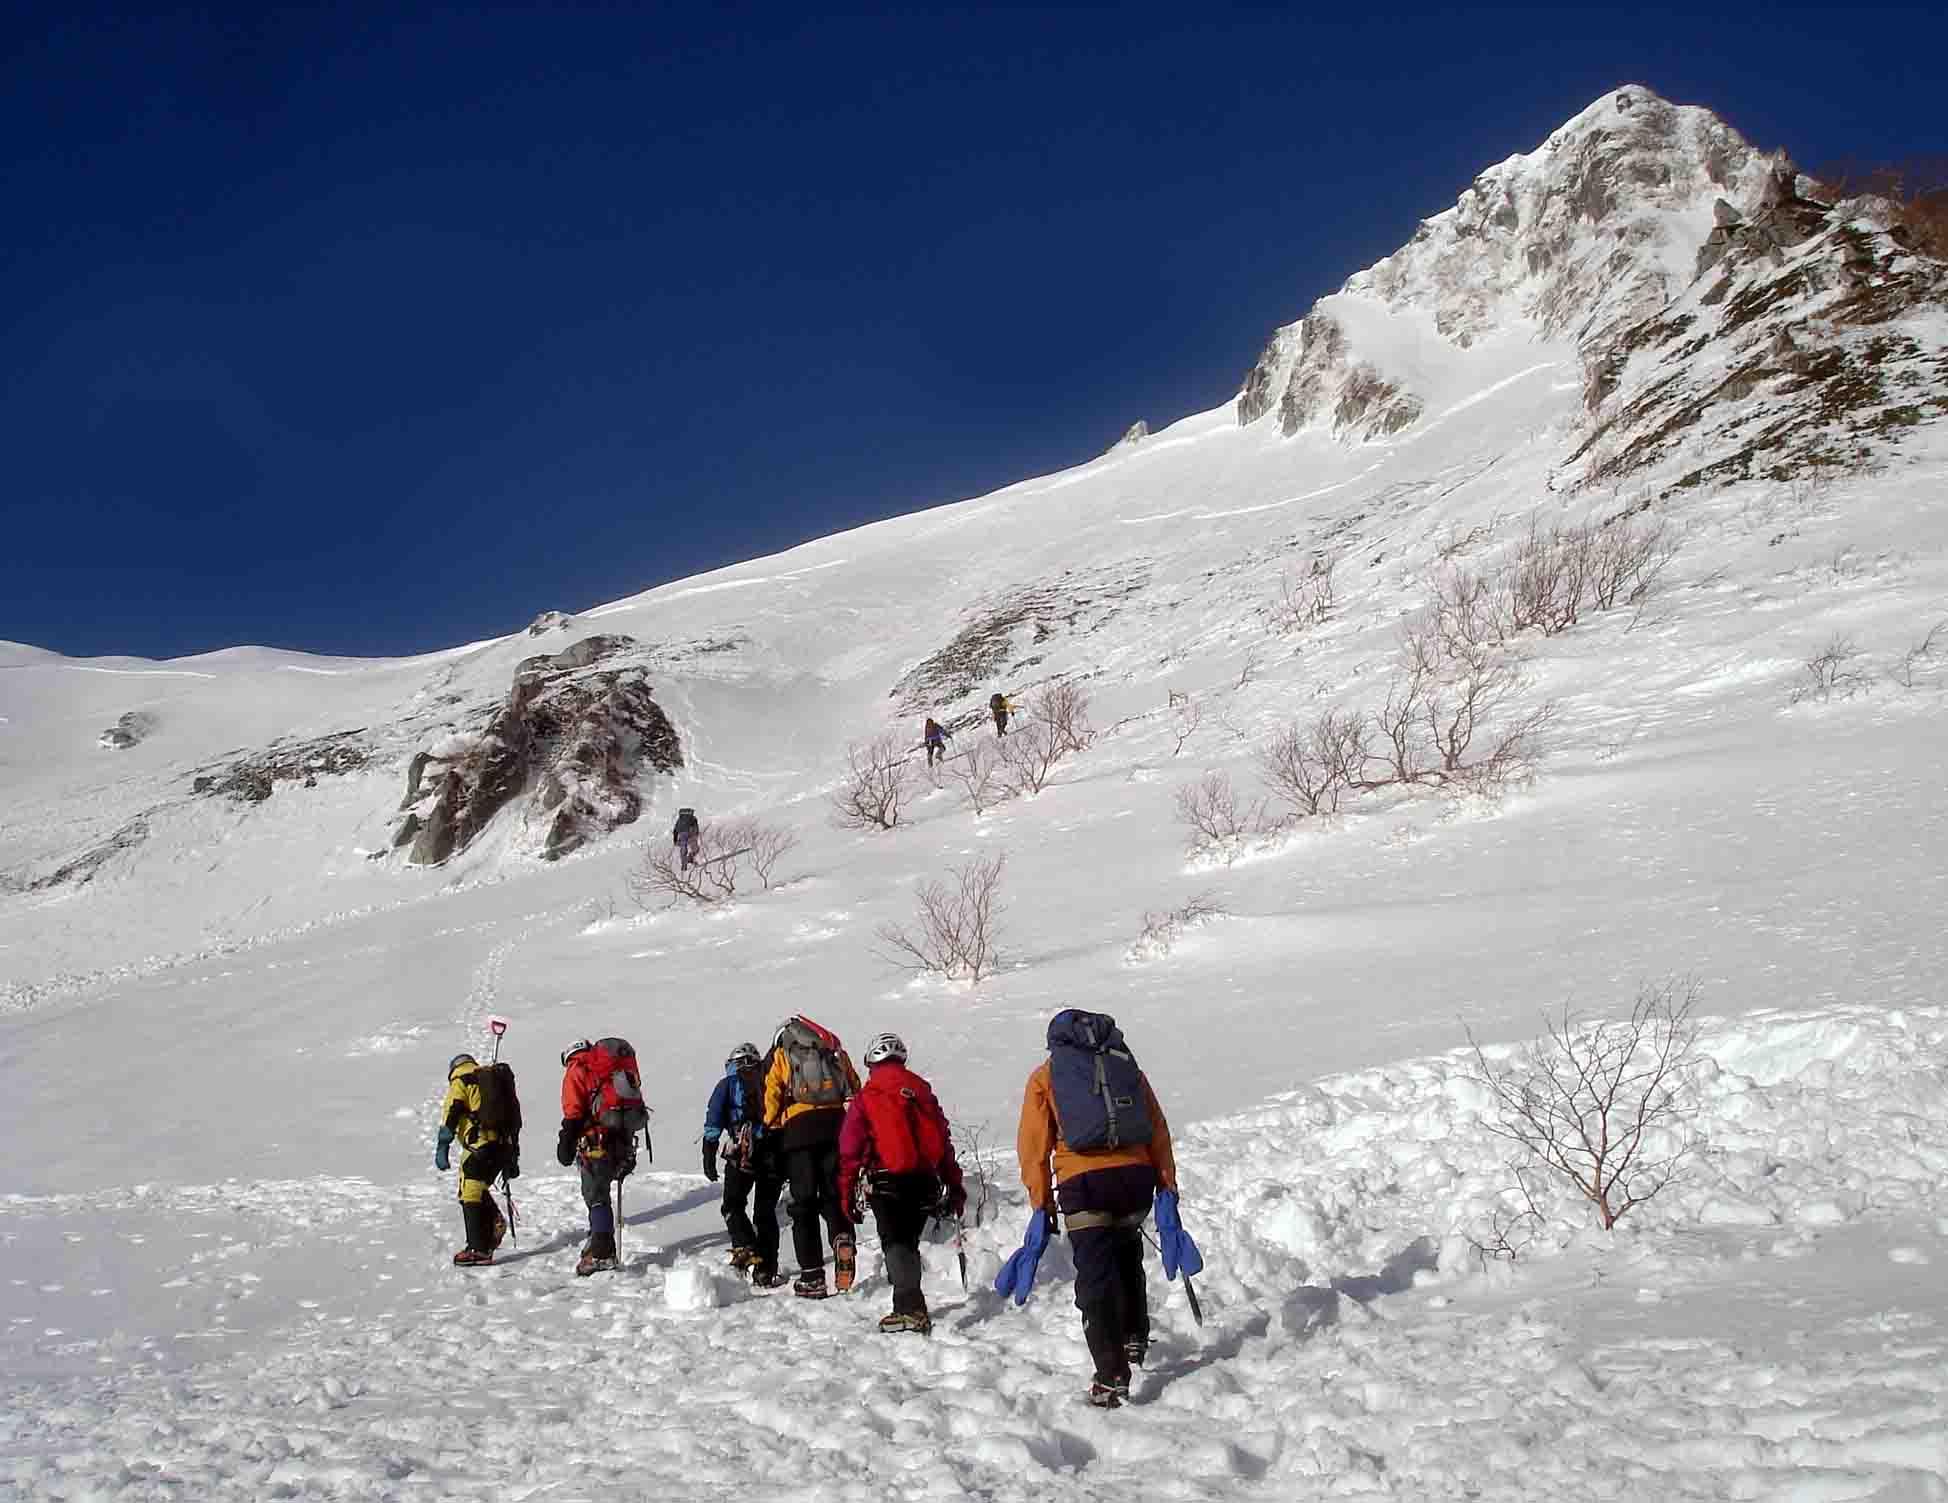 雪庇観察地点へ向かう DSC05874